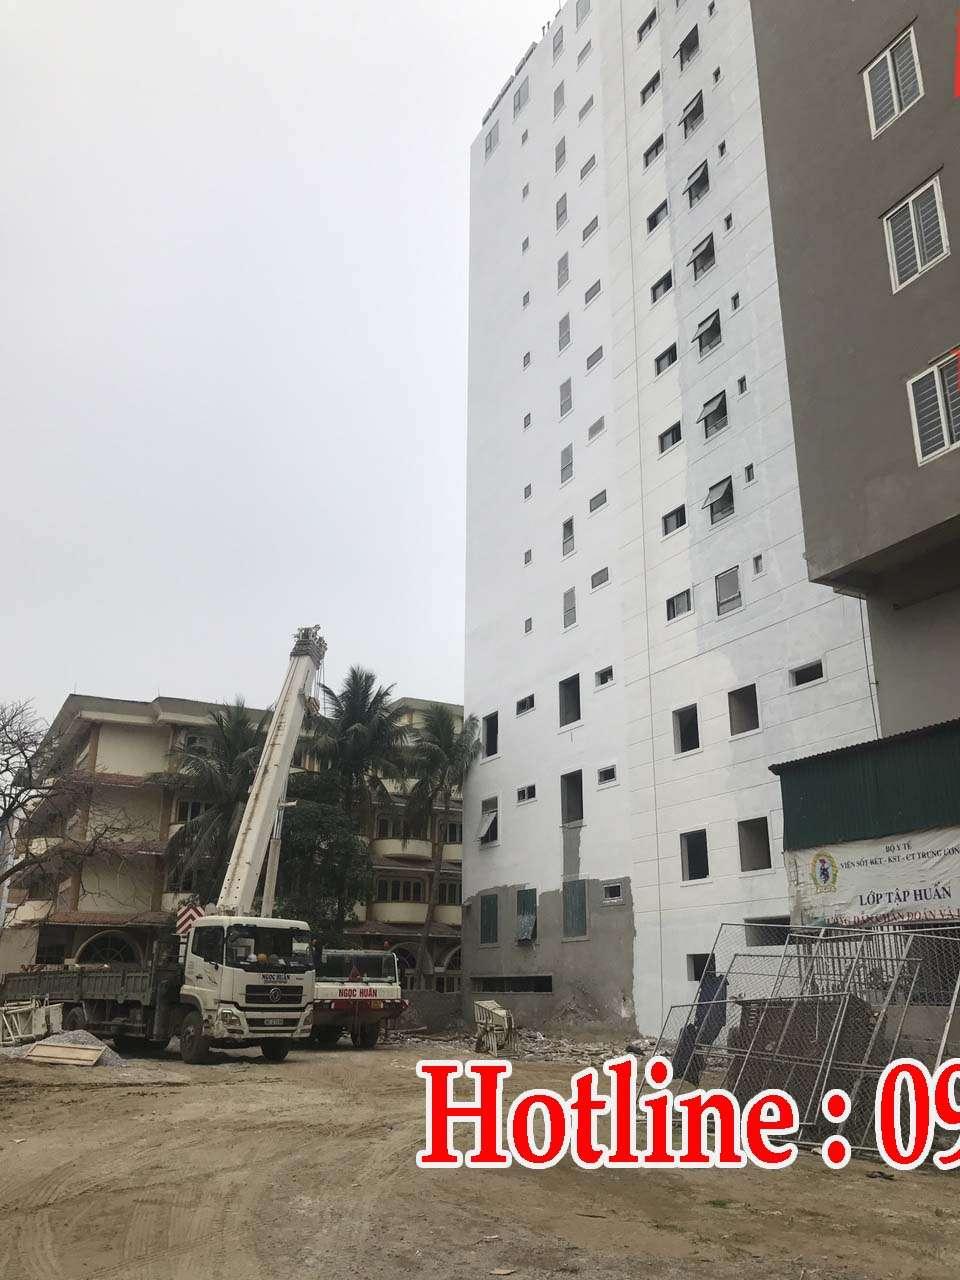 64e4d990e602045c5d13 - Dự án lắp đặt hệ thống giặt là tại khách sạn Sầm Sơn - Thanh Hóa